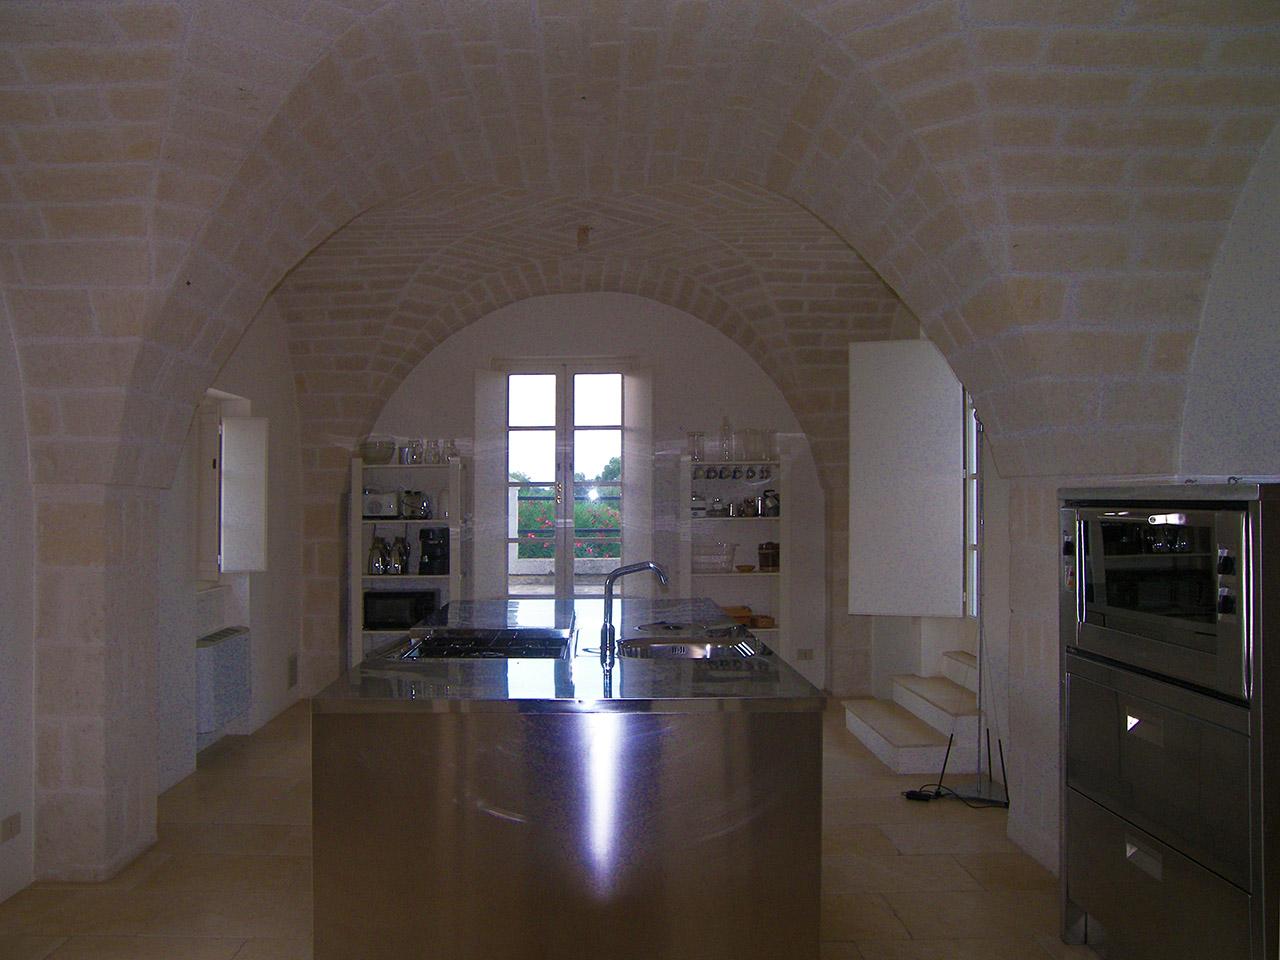 costruzioni restauri sirio ostuni restauro ristrutturazione masseria le taverne ostuni 100 8777